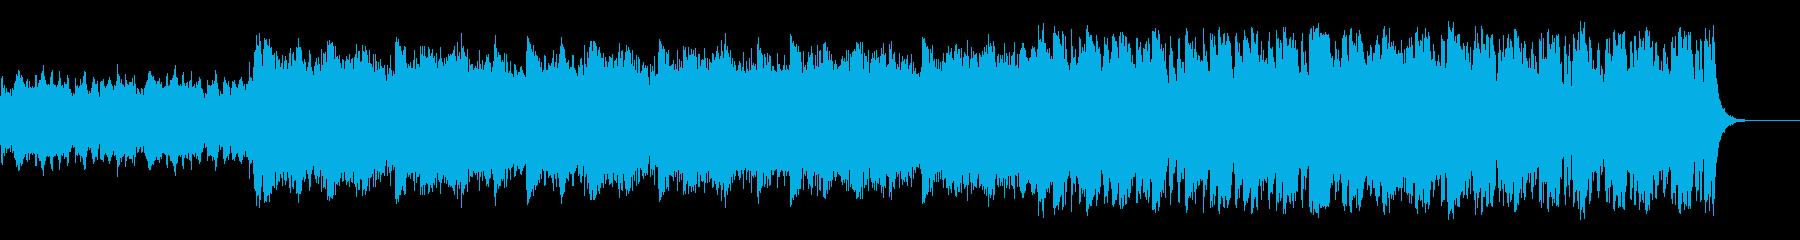 Alt Mix Looming、意...の再生済みの波形